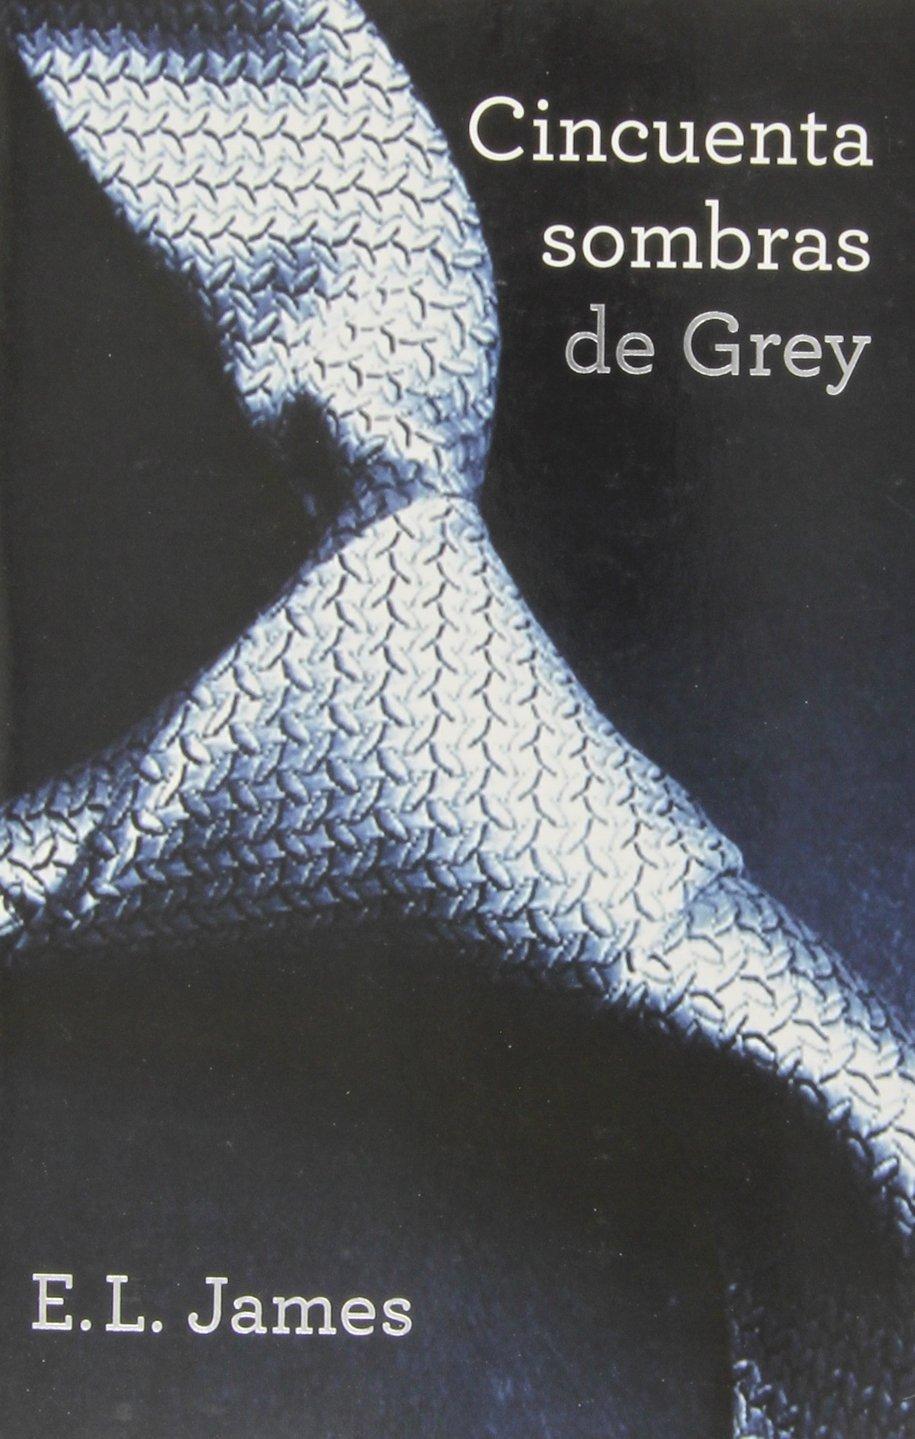 Pack 50 Sombras De Grey FICCION de E.L. JAMES 19 nov 2013 Tapa blanda: Amazon.es: Libros